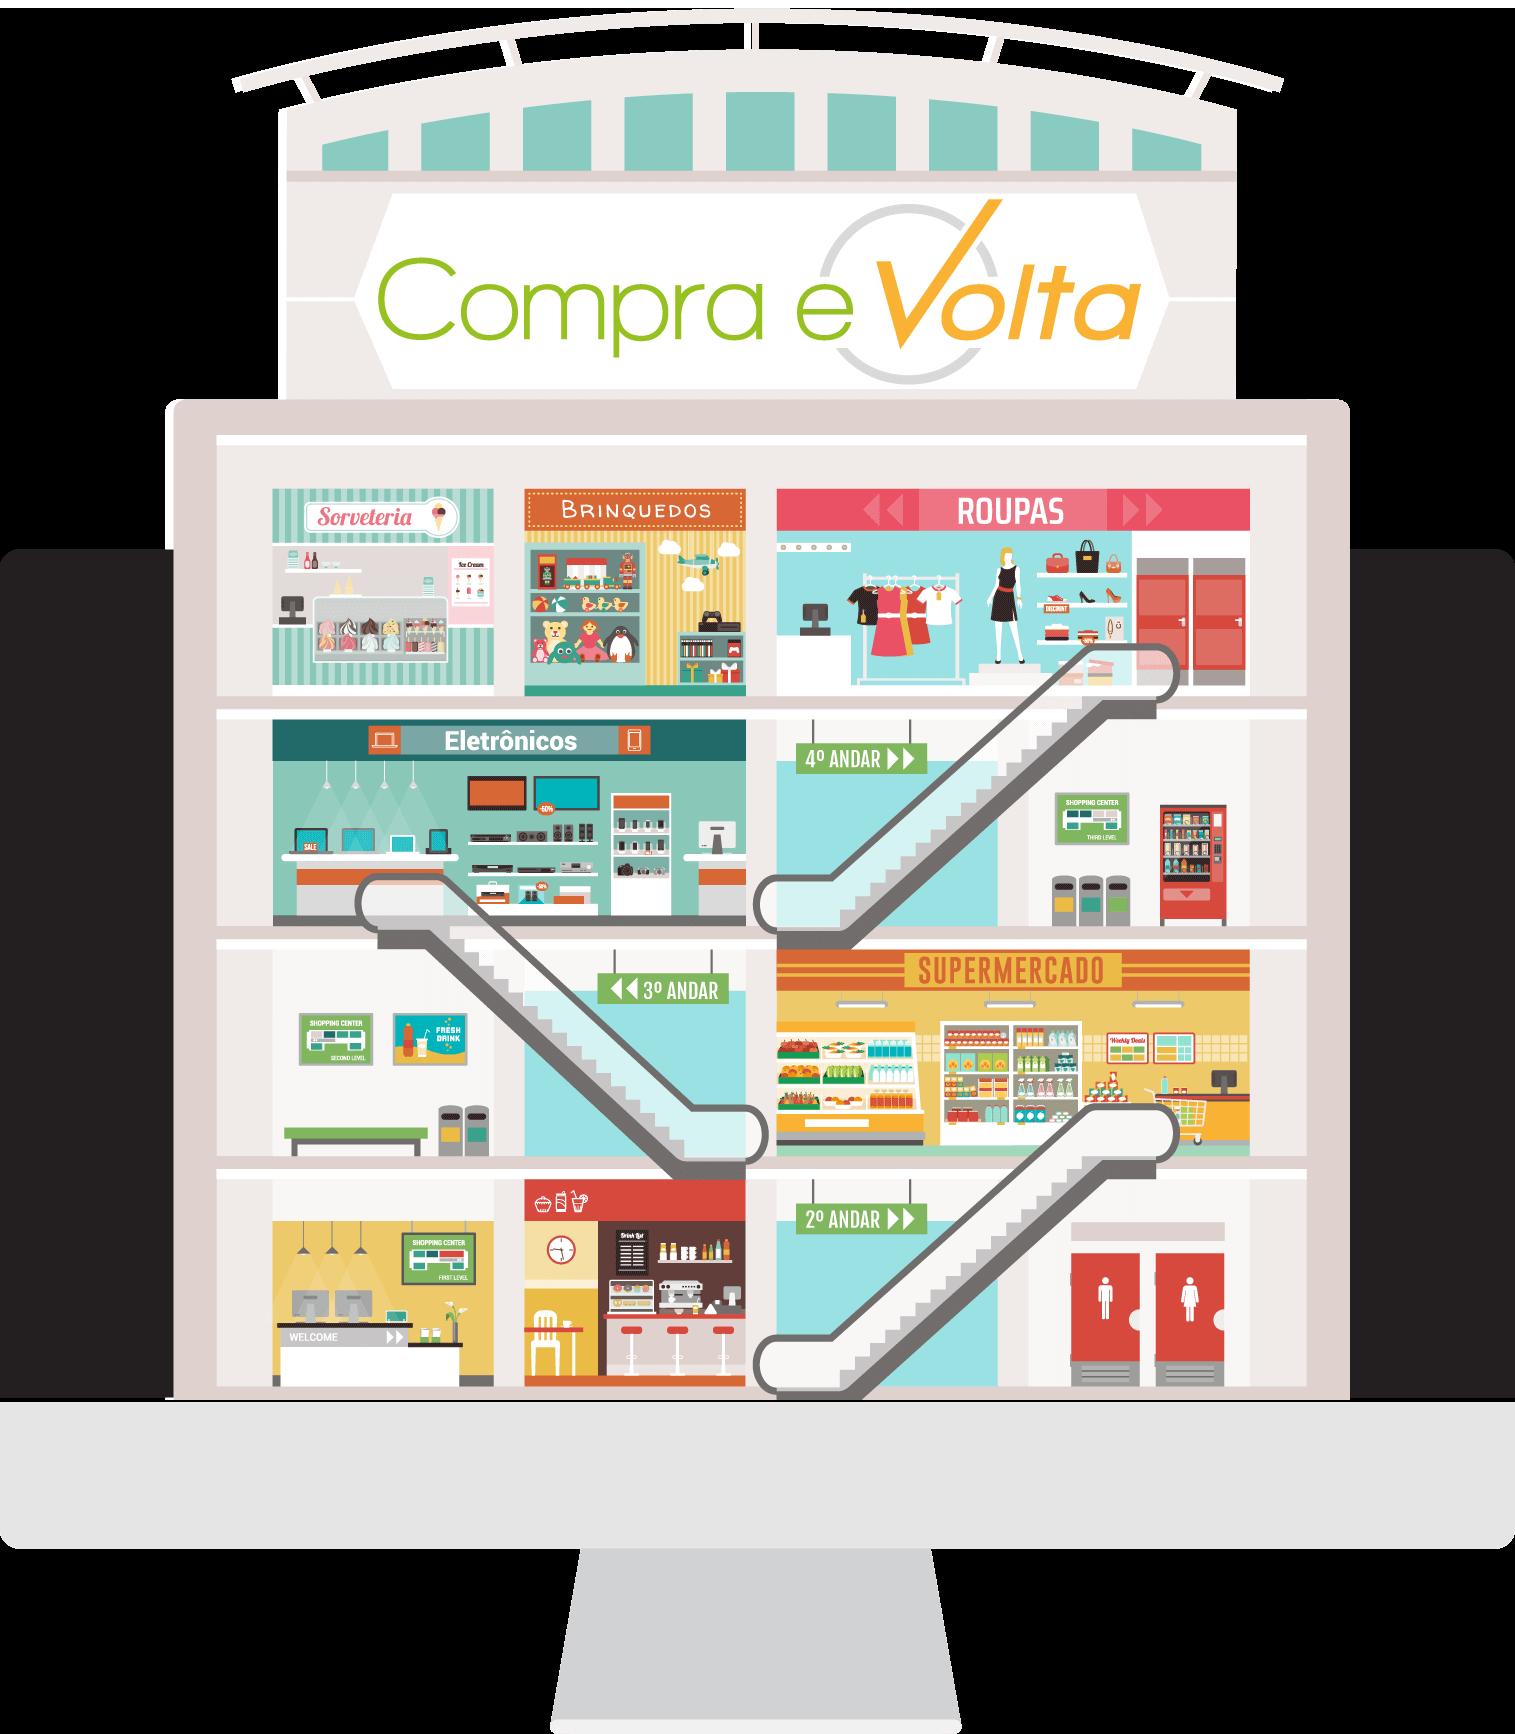 74193bcdf9ee O Compra e Volta é igual a um Shopping. Você pode buscar entre mais de 300  das melhores lojas online, e ganhar dinheiro de volta clicando nos  e-commerces e ...